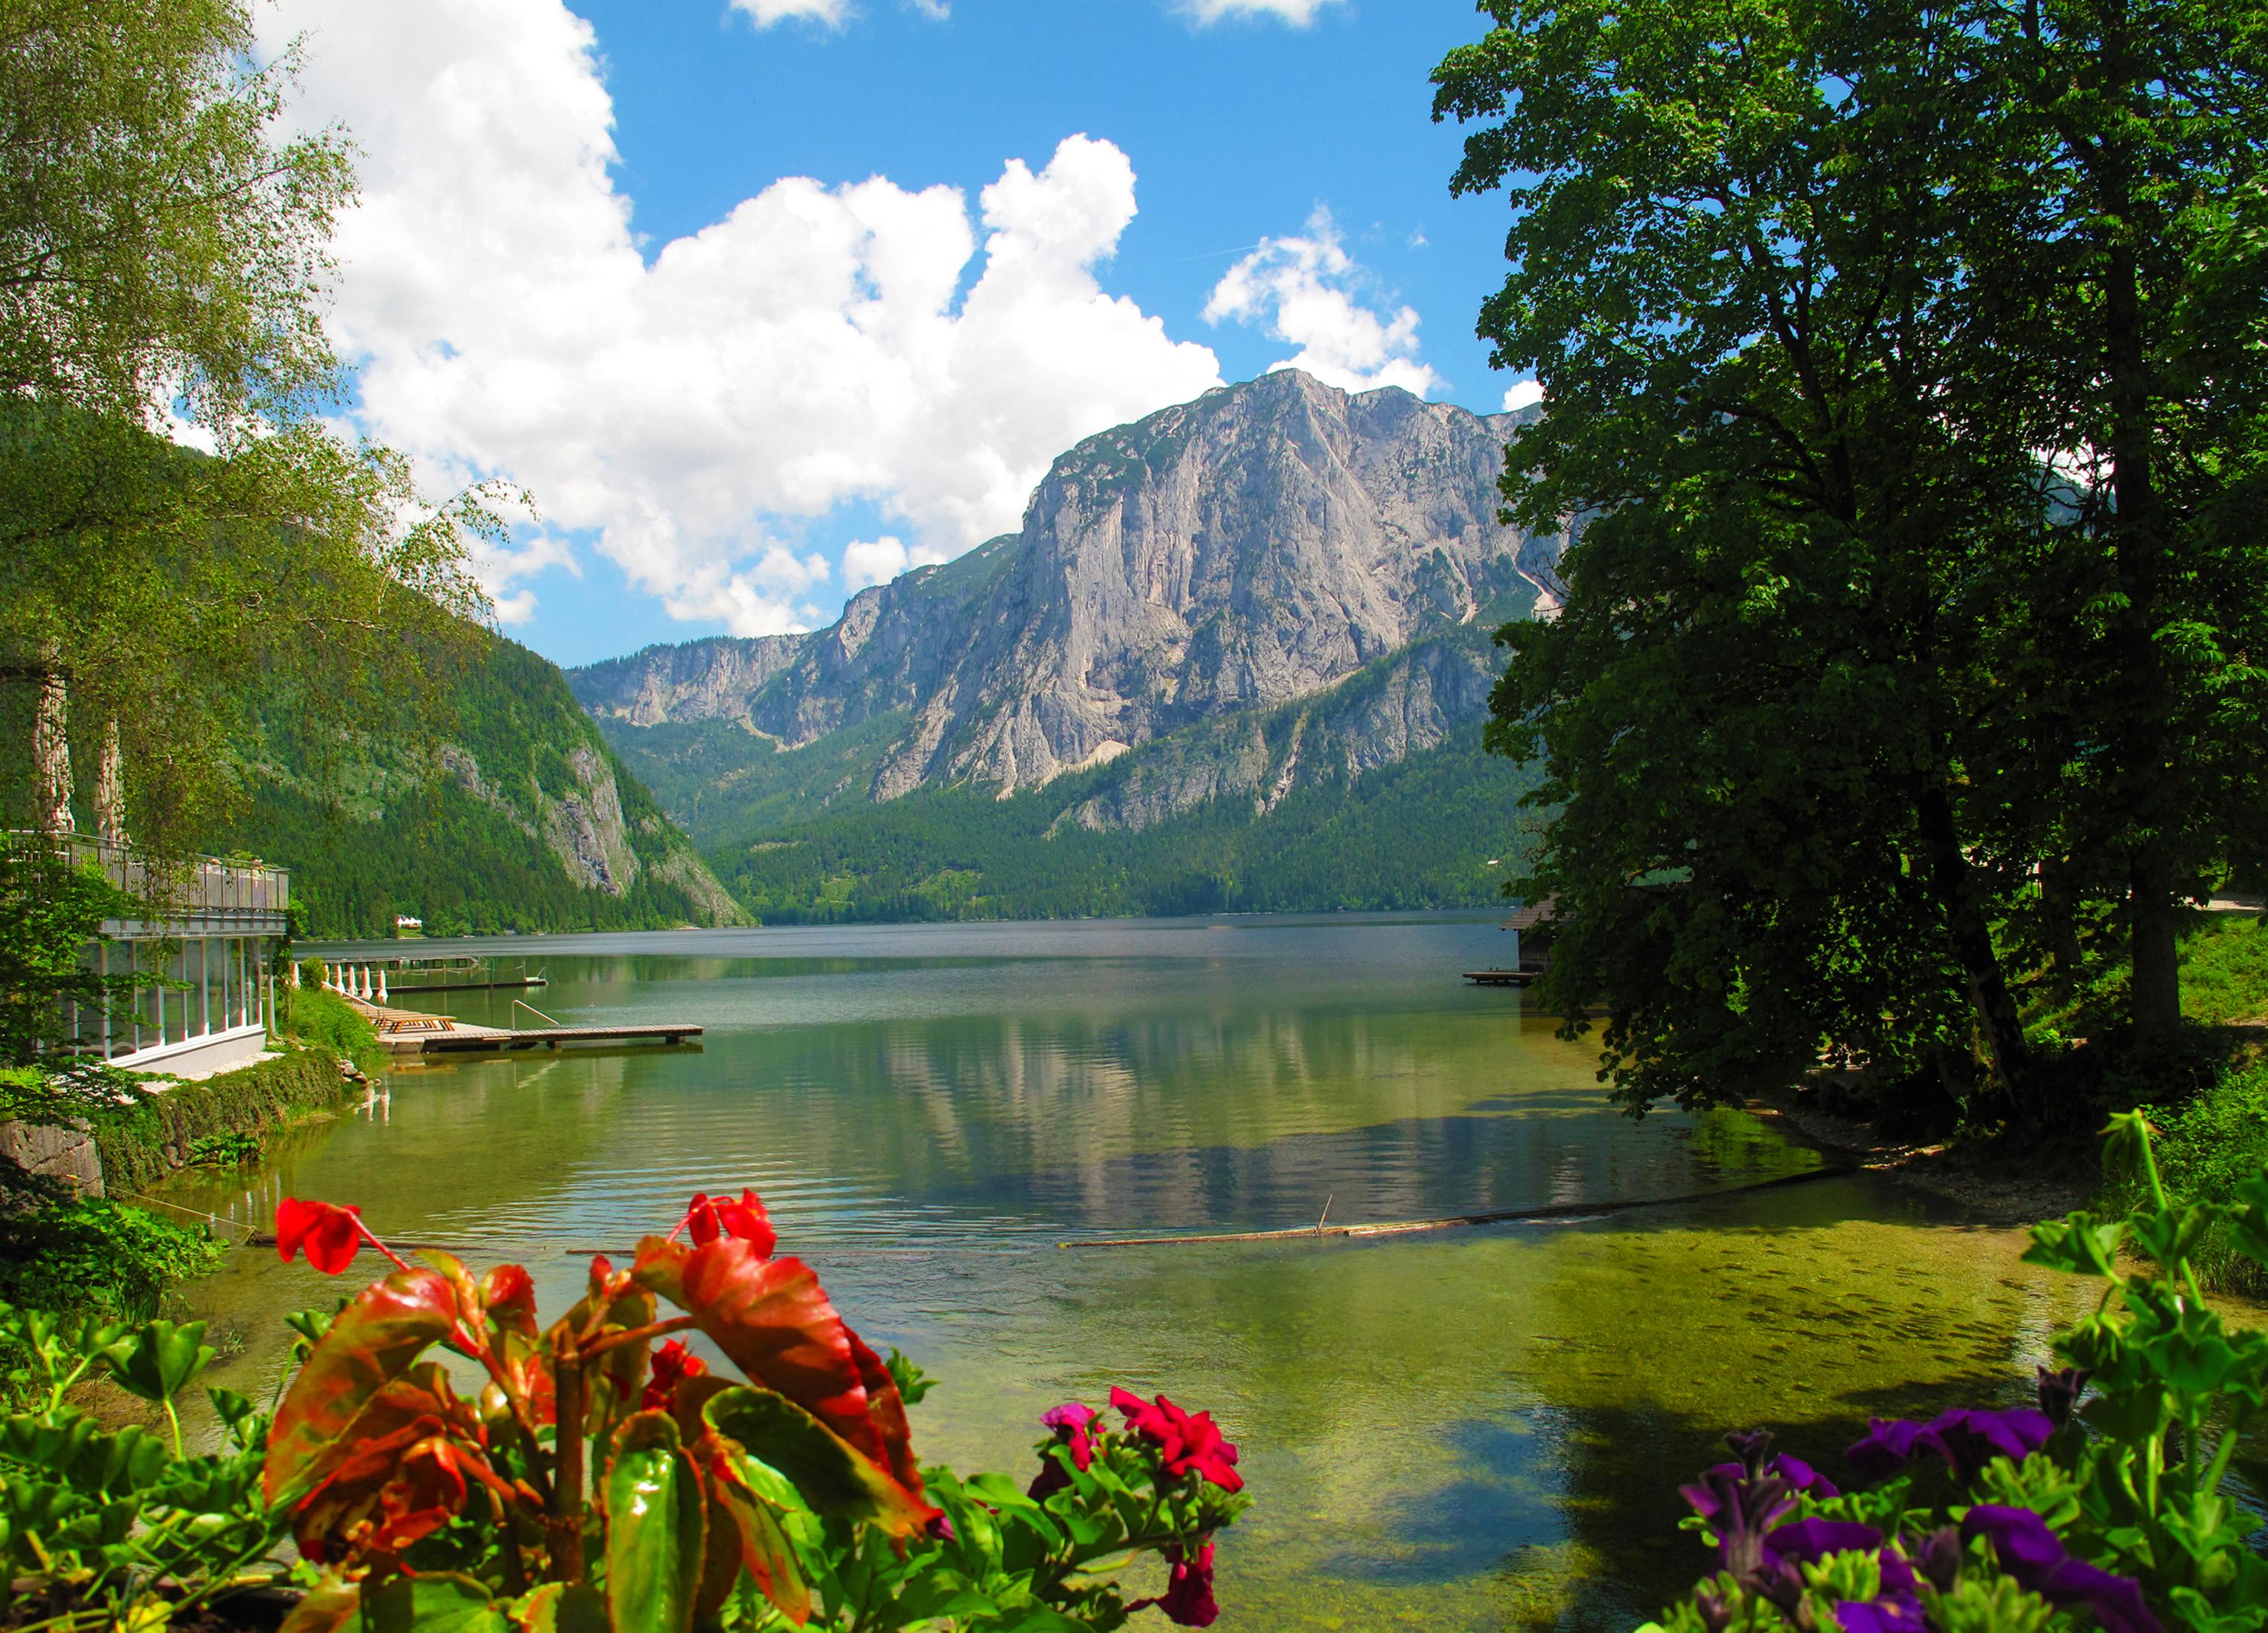 Наилучшие природные ландшафты можно наблюдать возле австрийских озер